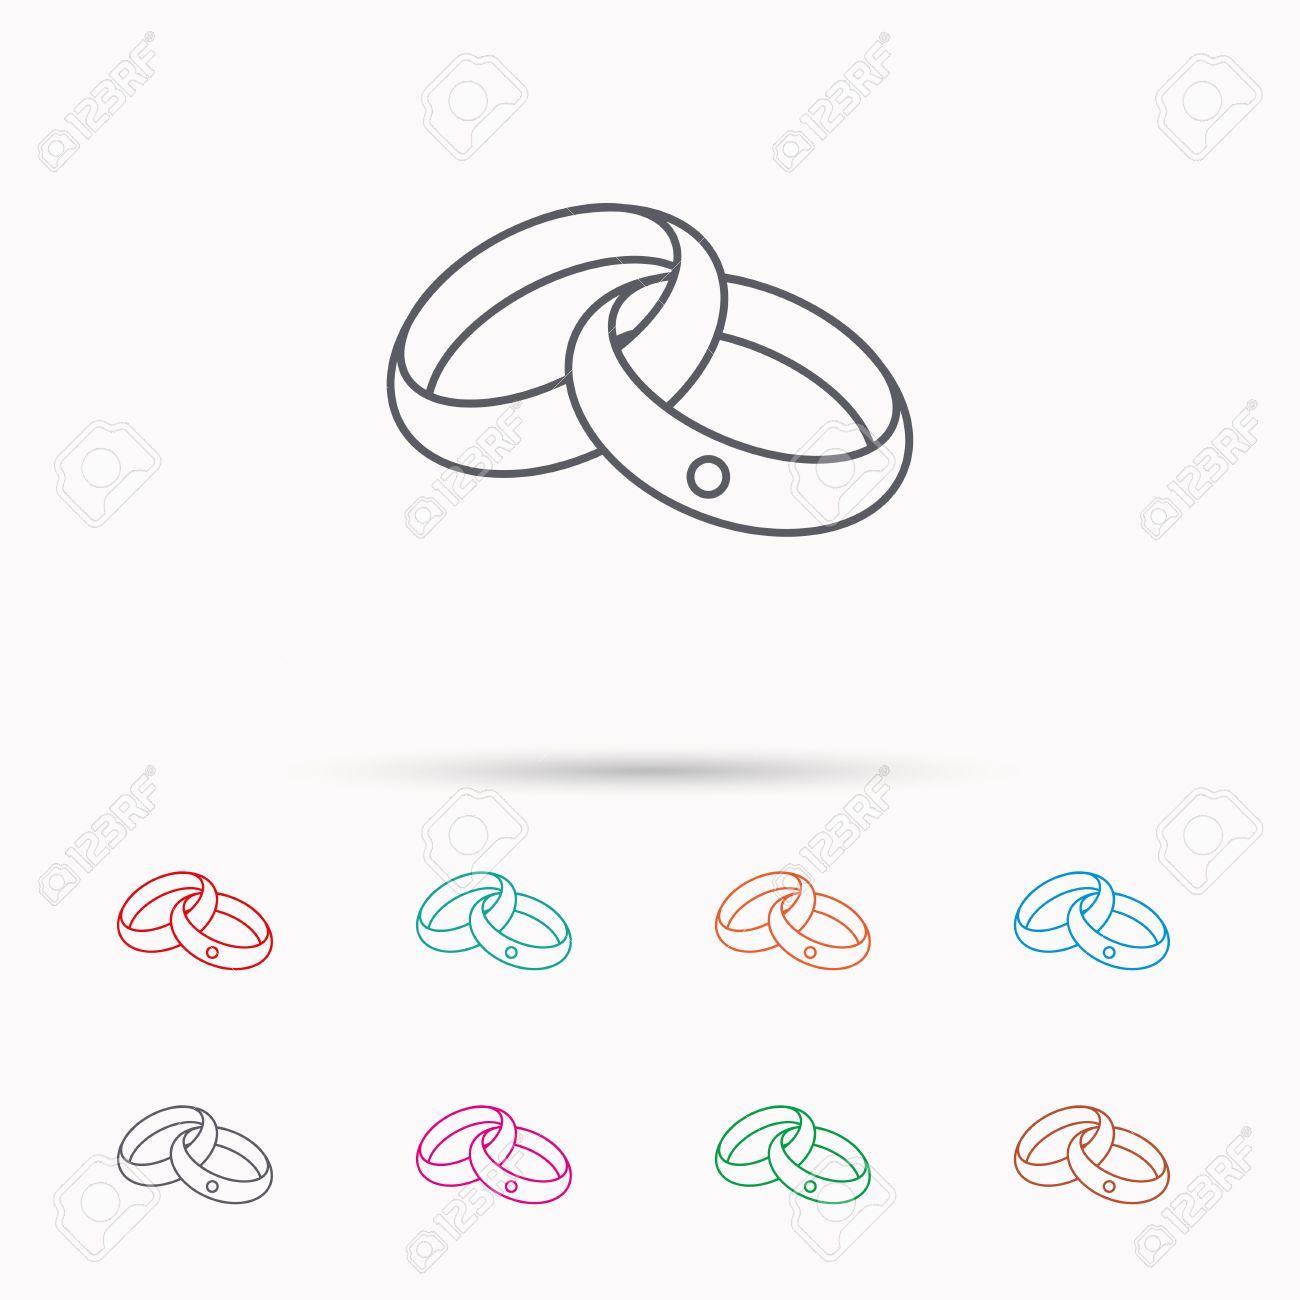 Hochzeitsringe Symbol. Braut und Bräutigam Schmuck Zeichen. Linear-Symbole  auf weißem Hintergrund.